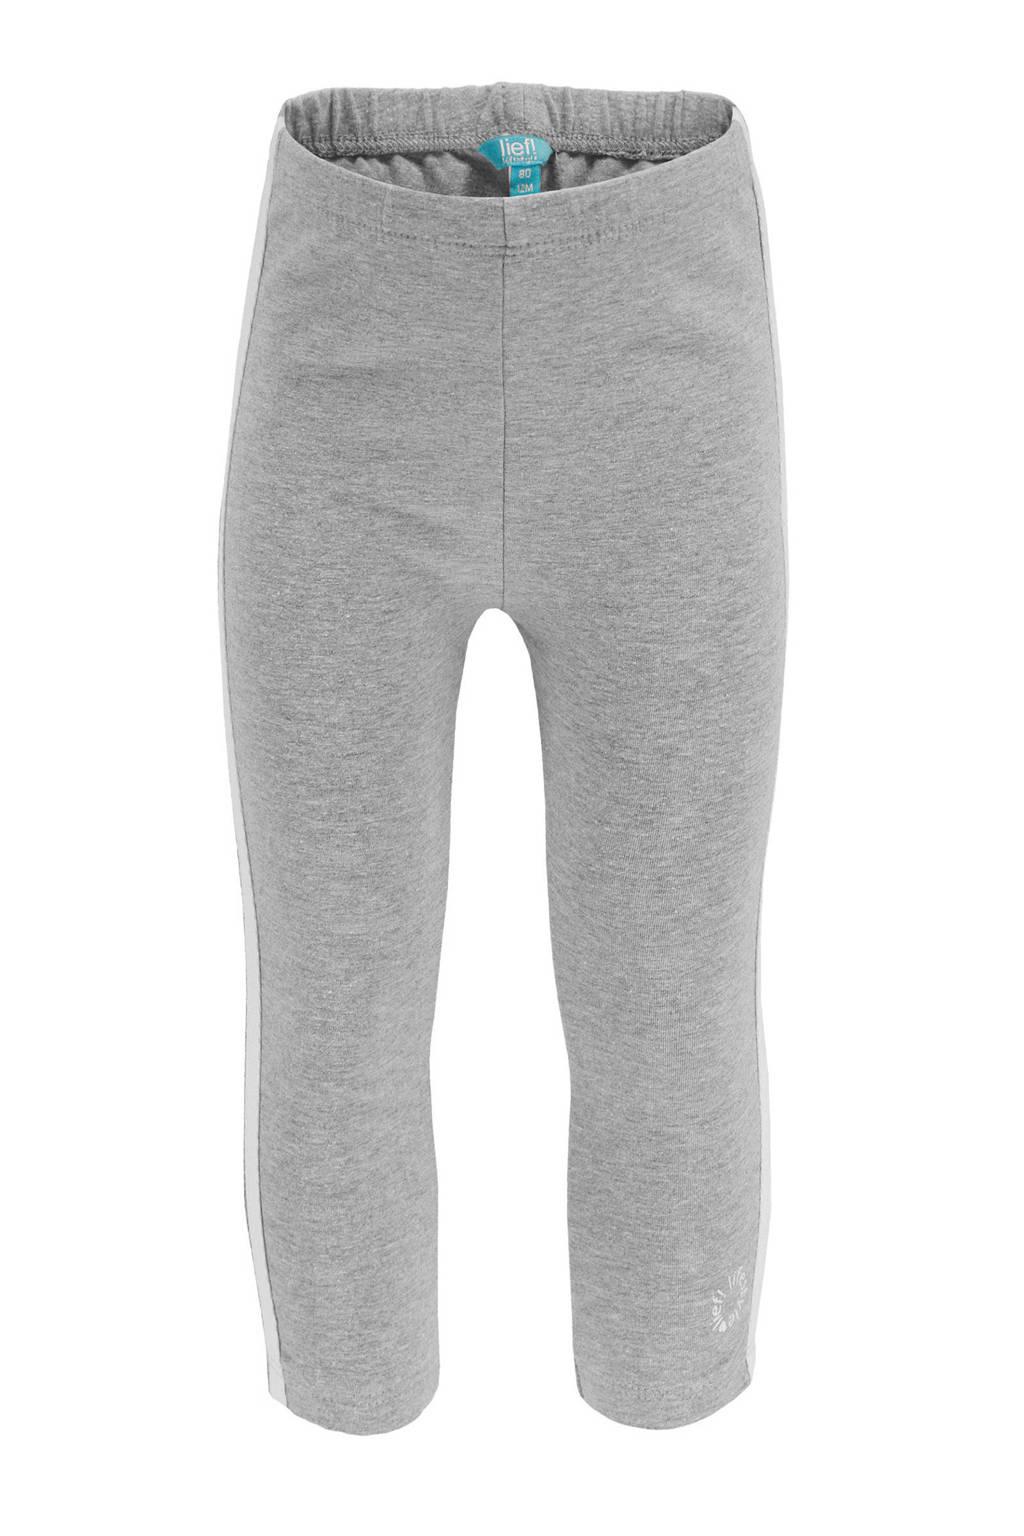 lief! legging met contrastbies grijs melange, Grijs melange/wit